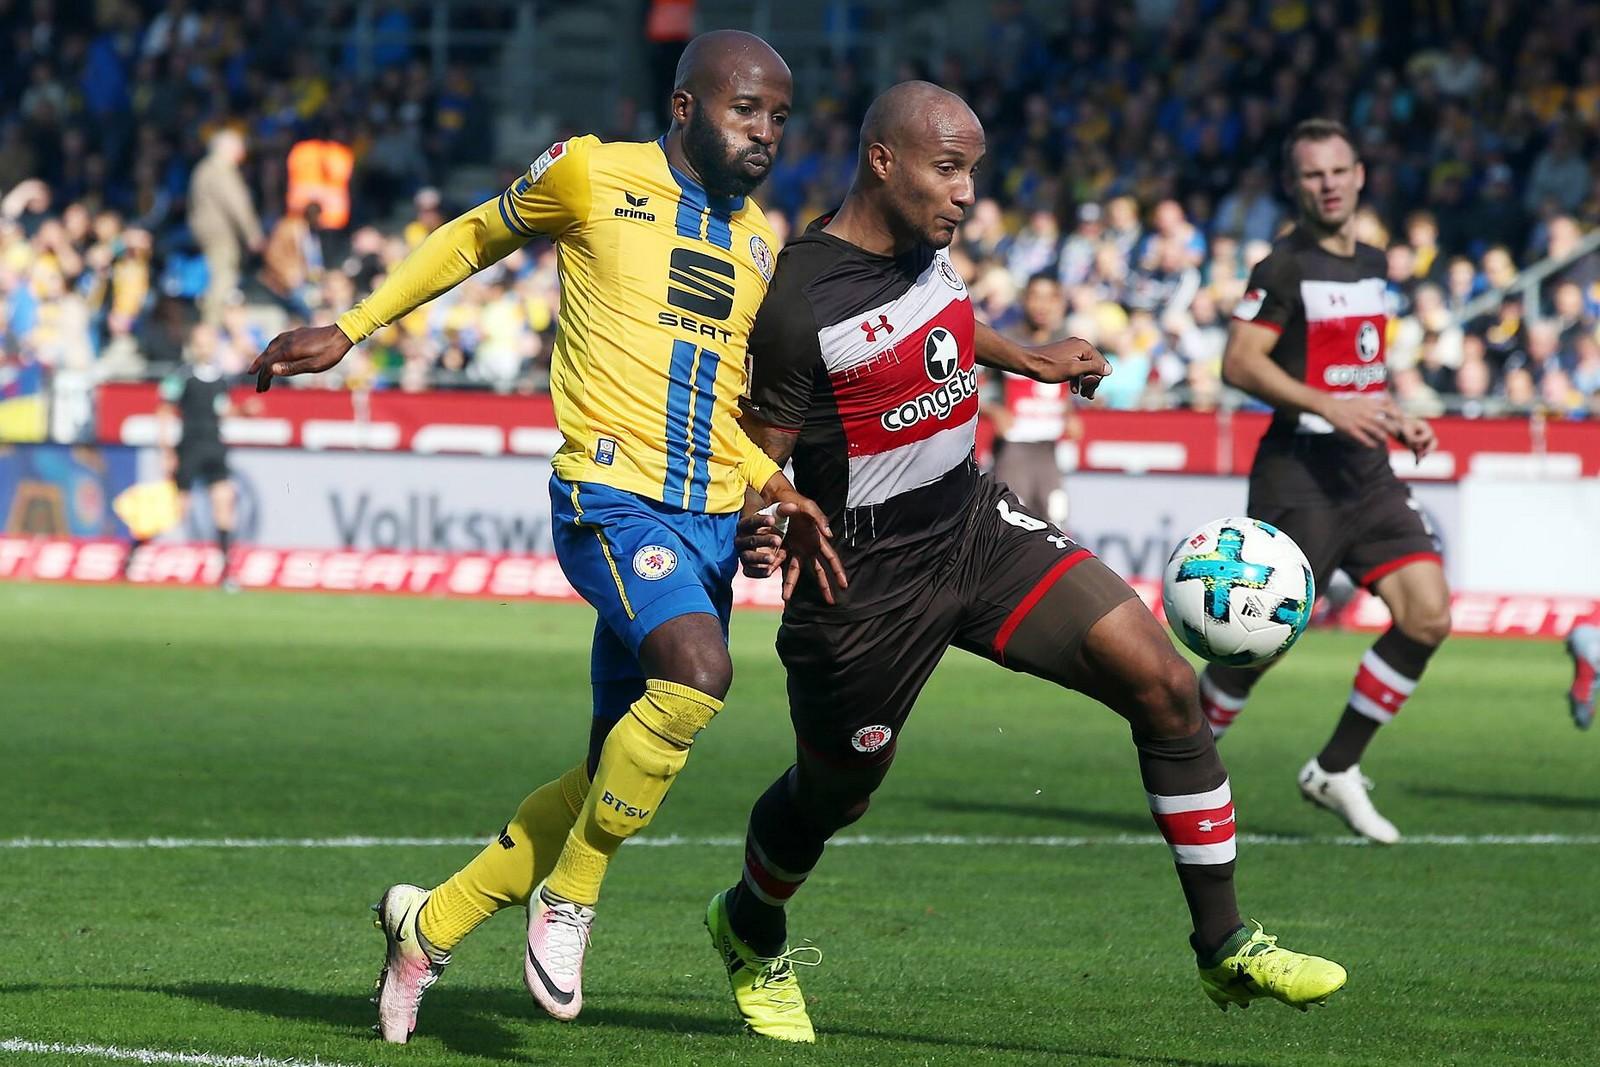 Domi Kumbela von Eintracht Braunschweig gegen Christopher Avevor vom FC St. Pauli